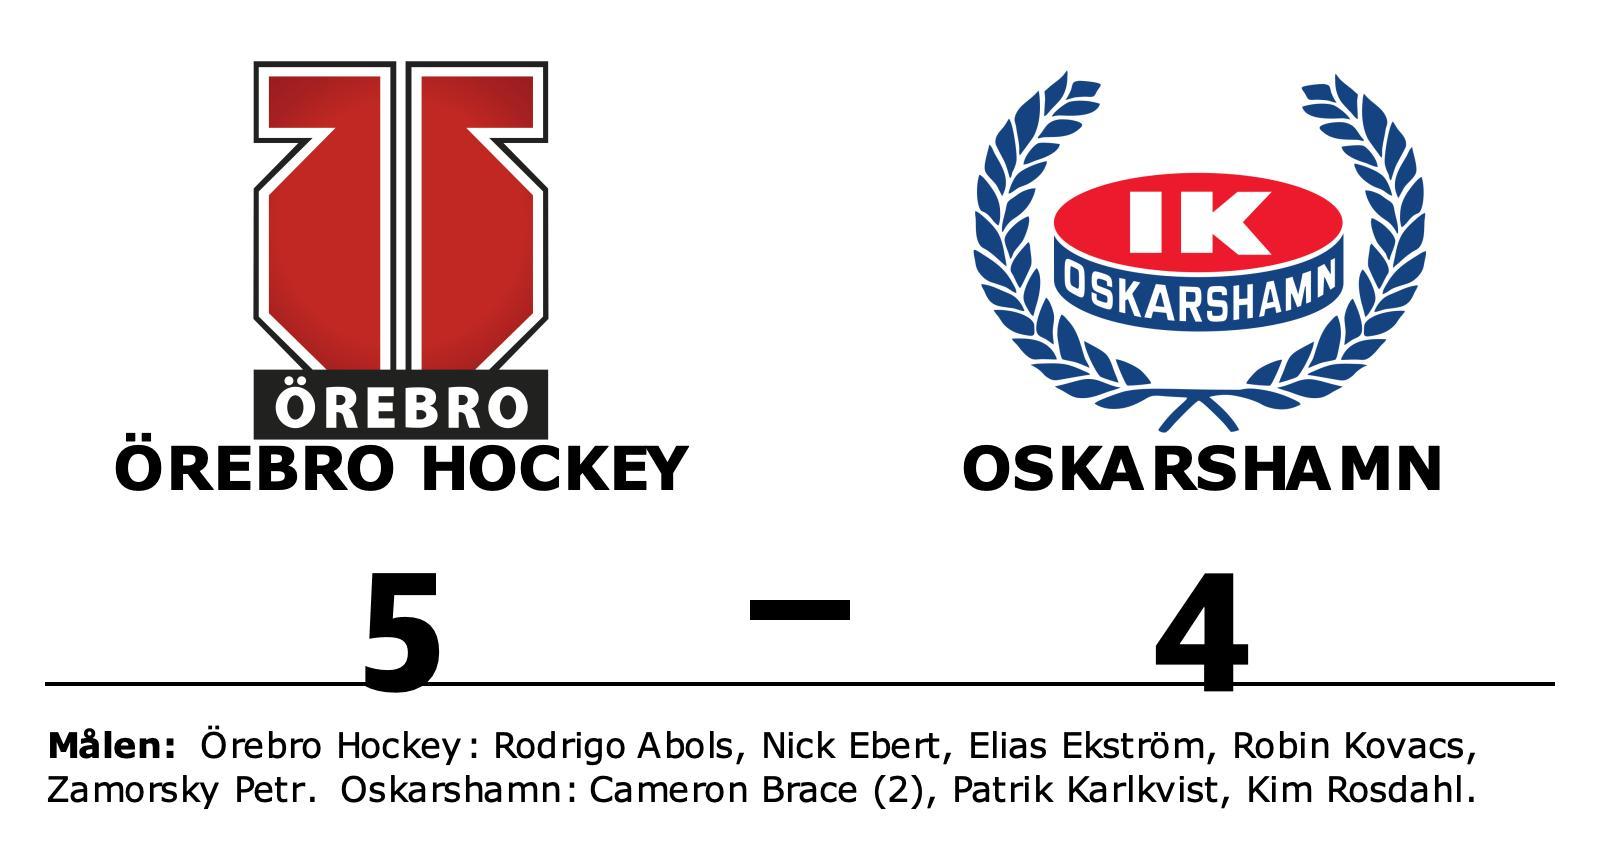 Straffar avgjorde för Örebro Hockey i hemmasegern mot Oskarshamn